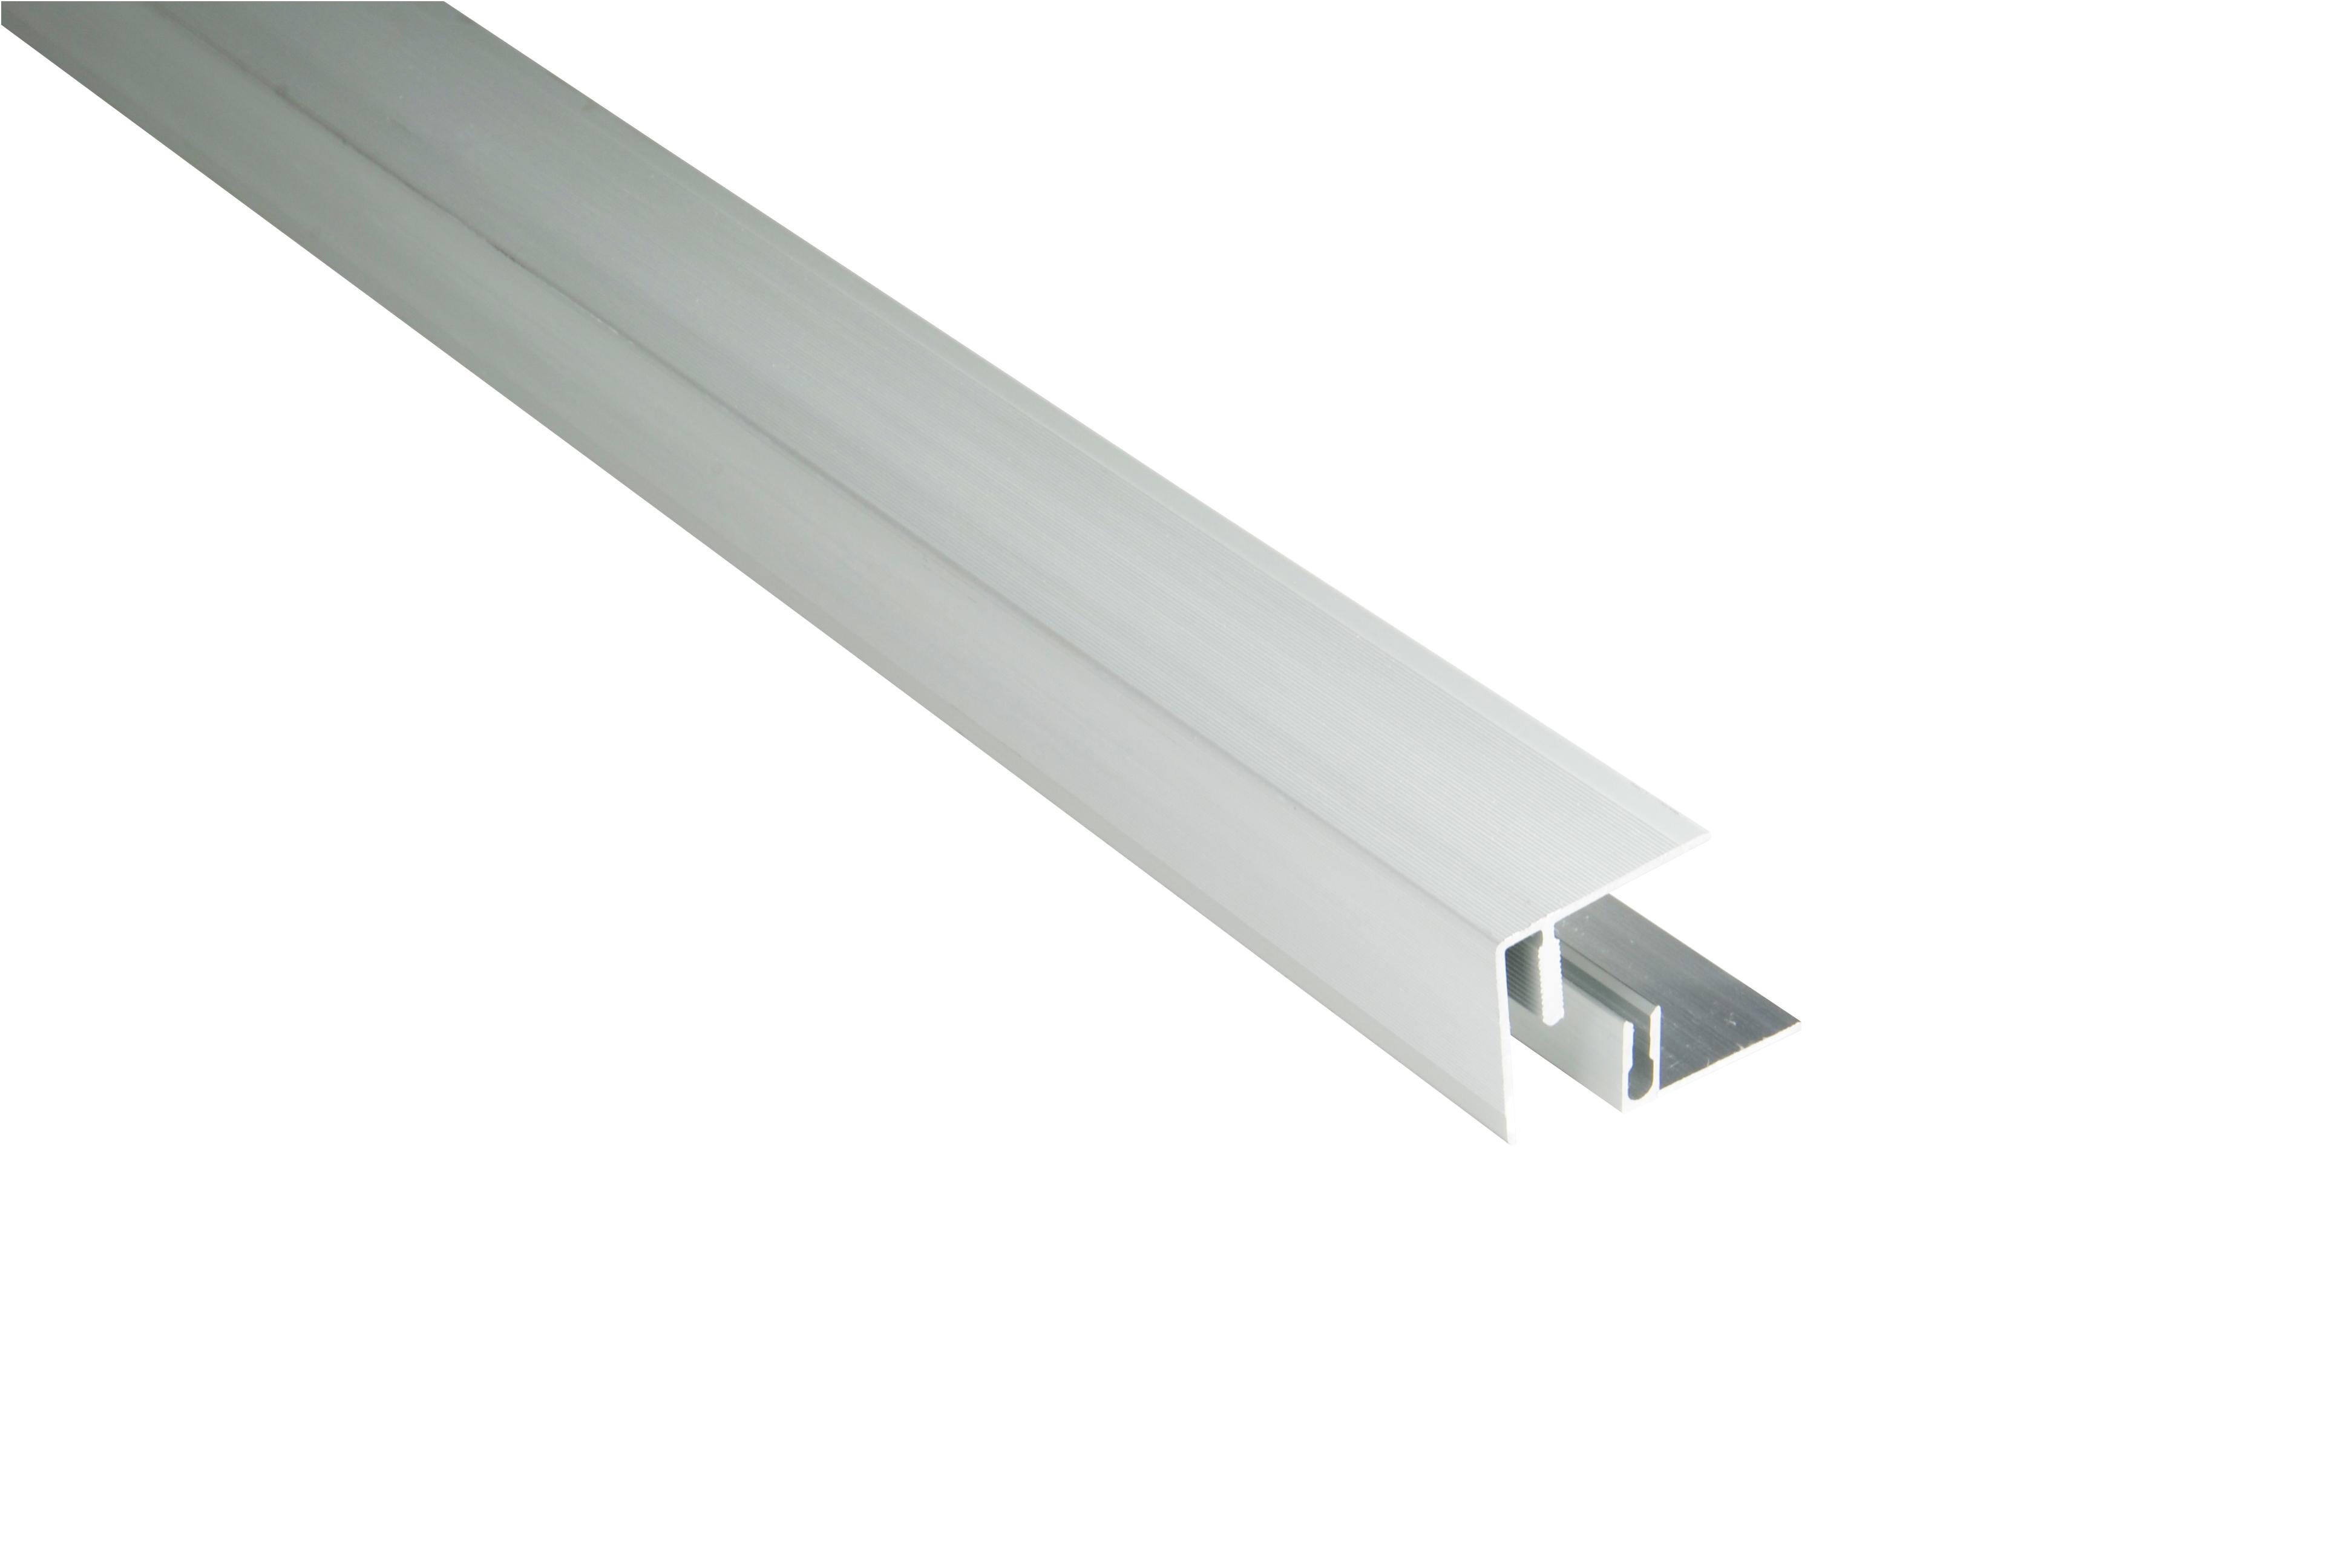 Kovalex Aluminium Seitenabschluss mit Befestigungsprofil - Farbe: Alu-Silber - Abmessung: 45x41x2.500 mm